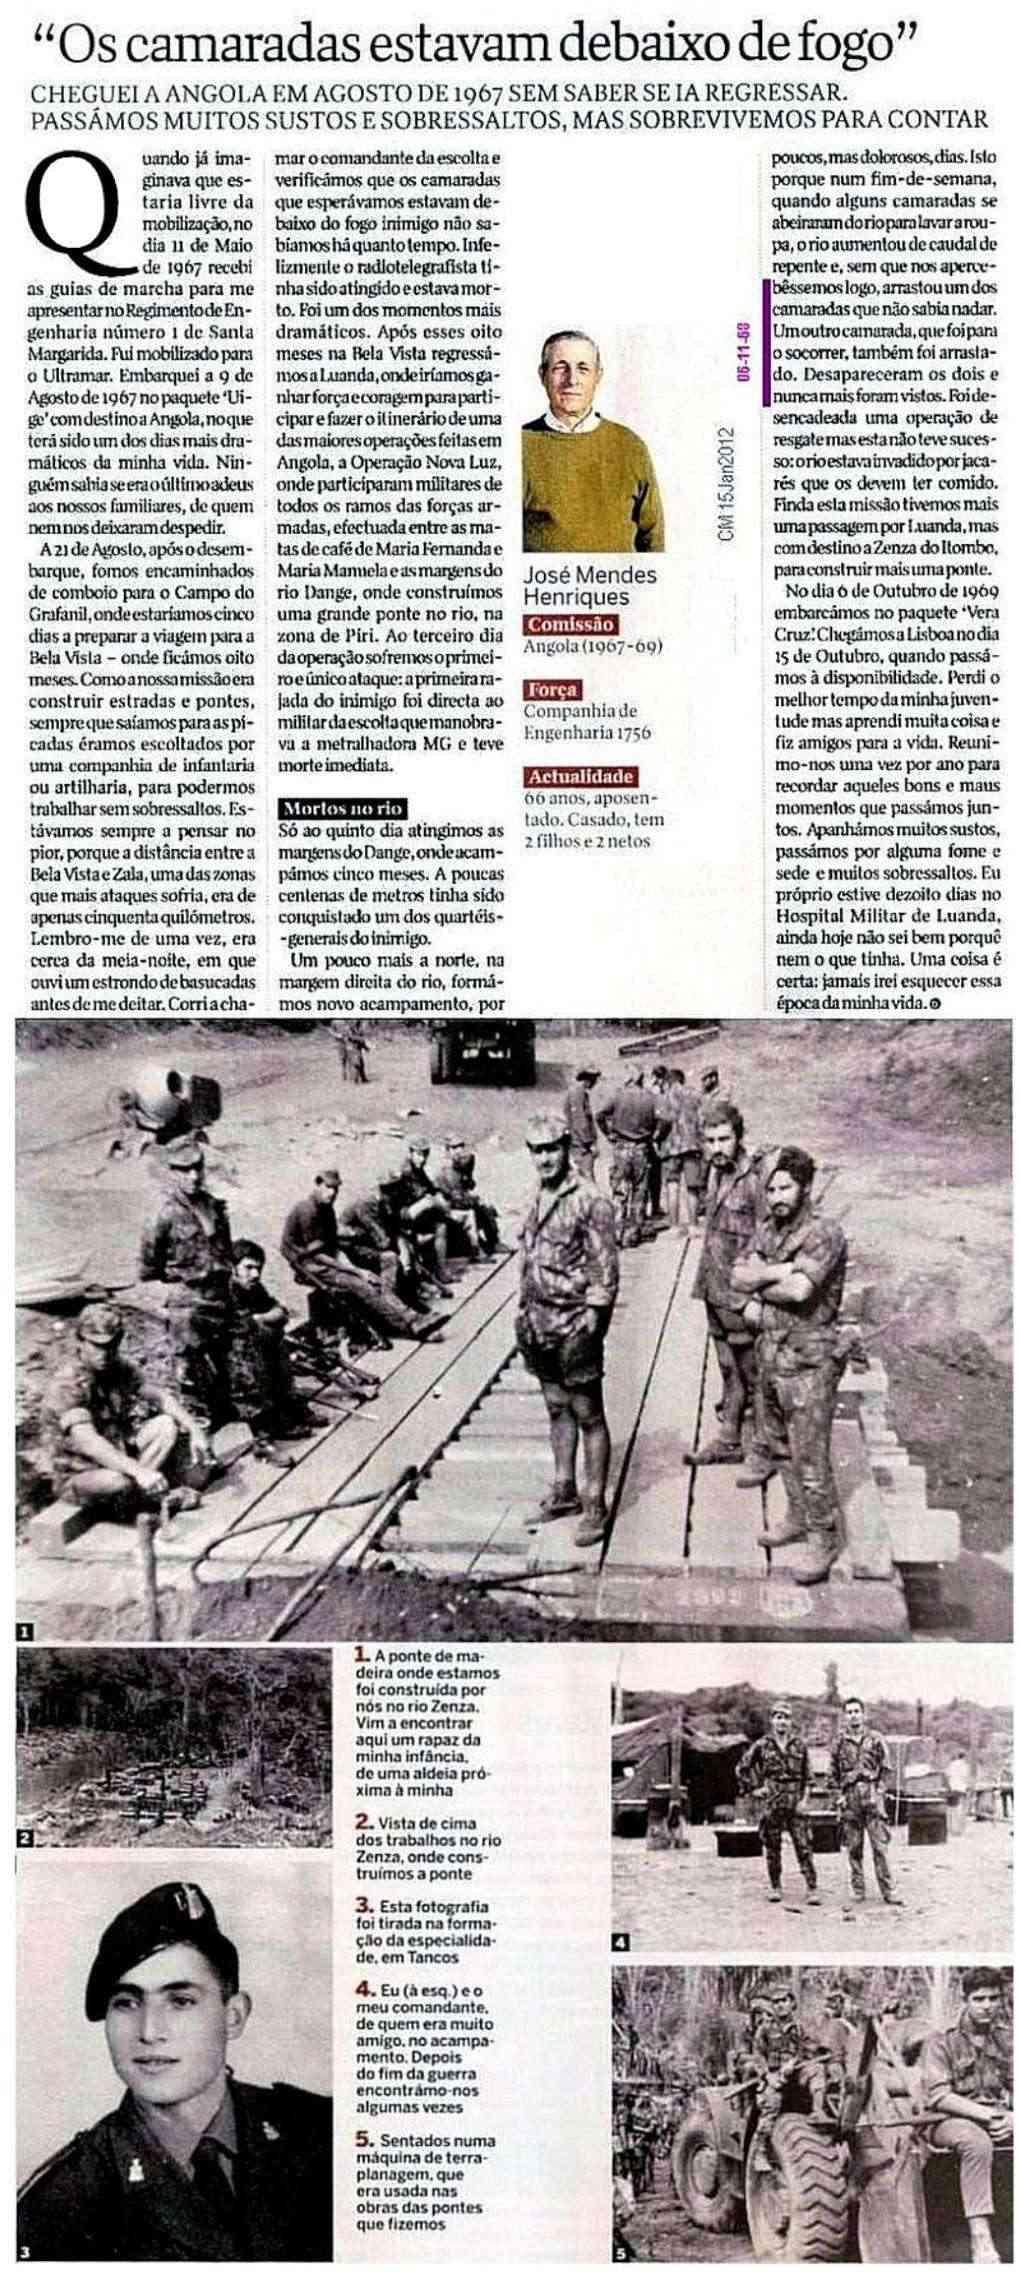 CEng1756: Máquinas, Trabalhos, Construção e Louvor (Angola 1967 a 1969) - Jeremias Henriques Ceng1710